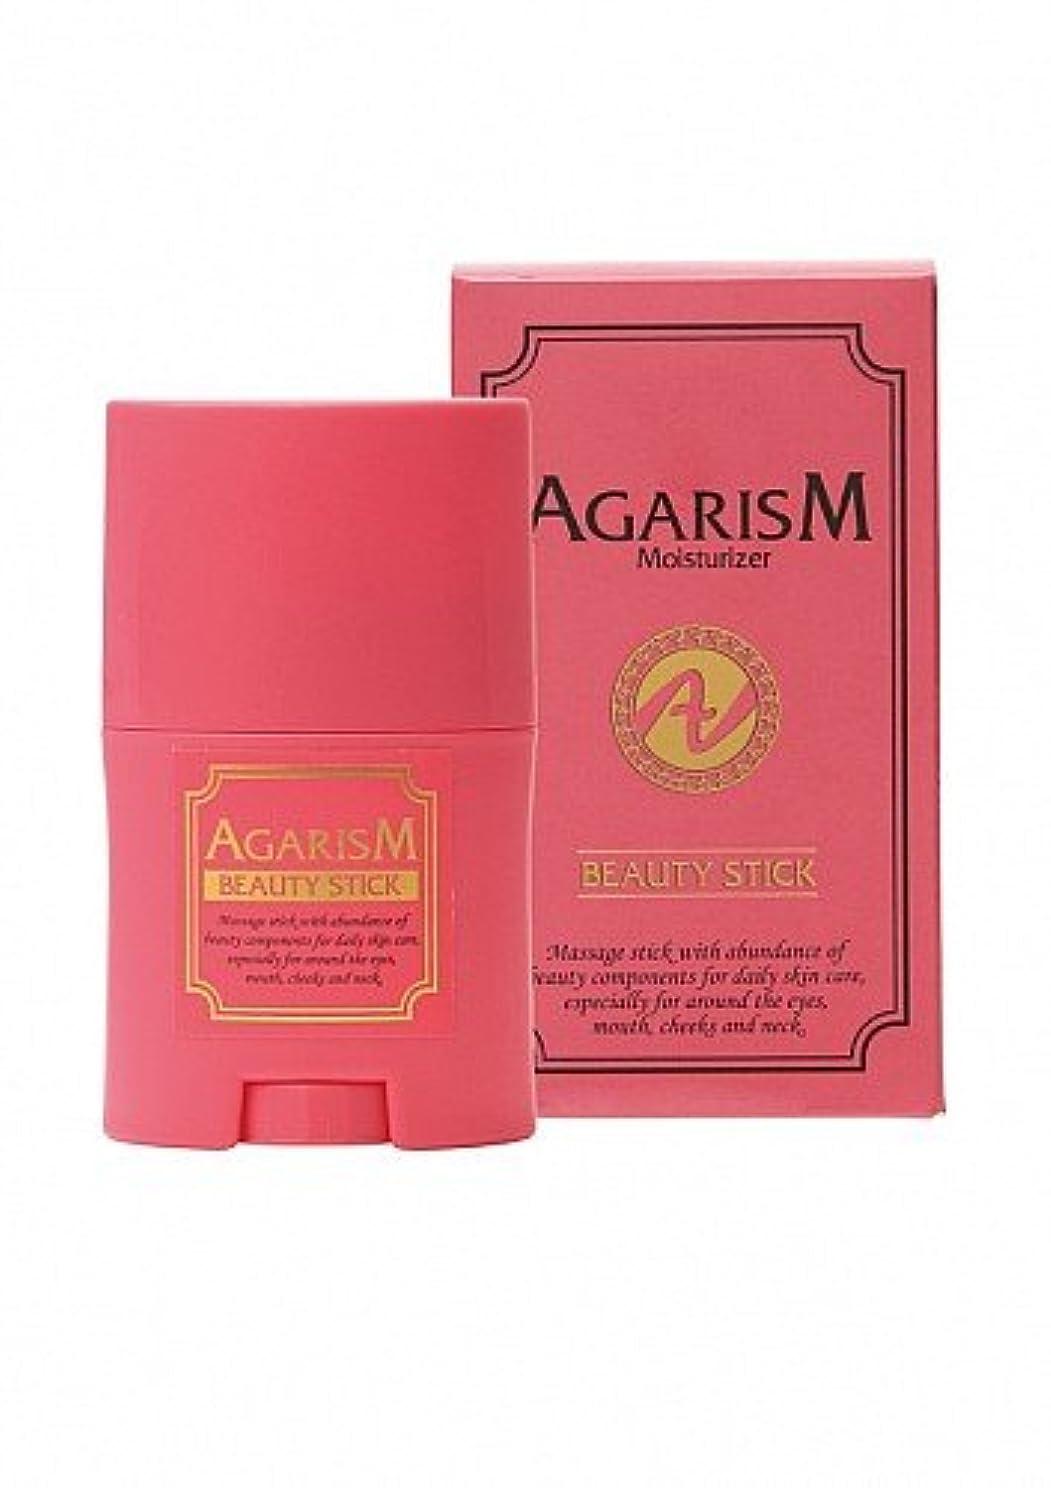 降下ジュニア流行AGARISM モイスチャライザー アガリズム 小顔ローラー 美容クリーム むくみ防止 保湿 引き締め成分 天然オイル配合